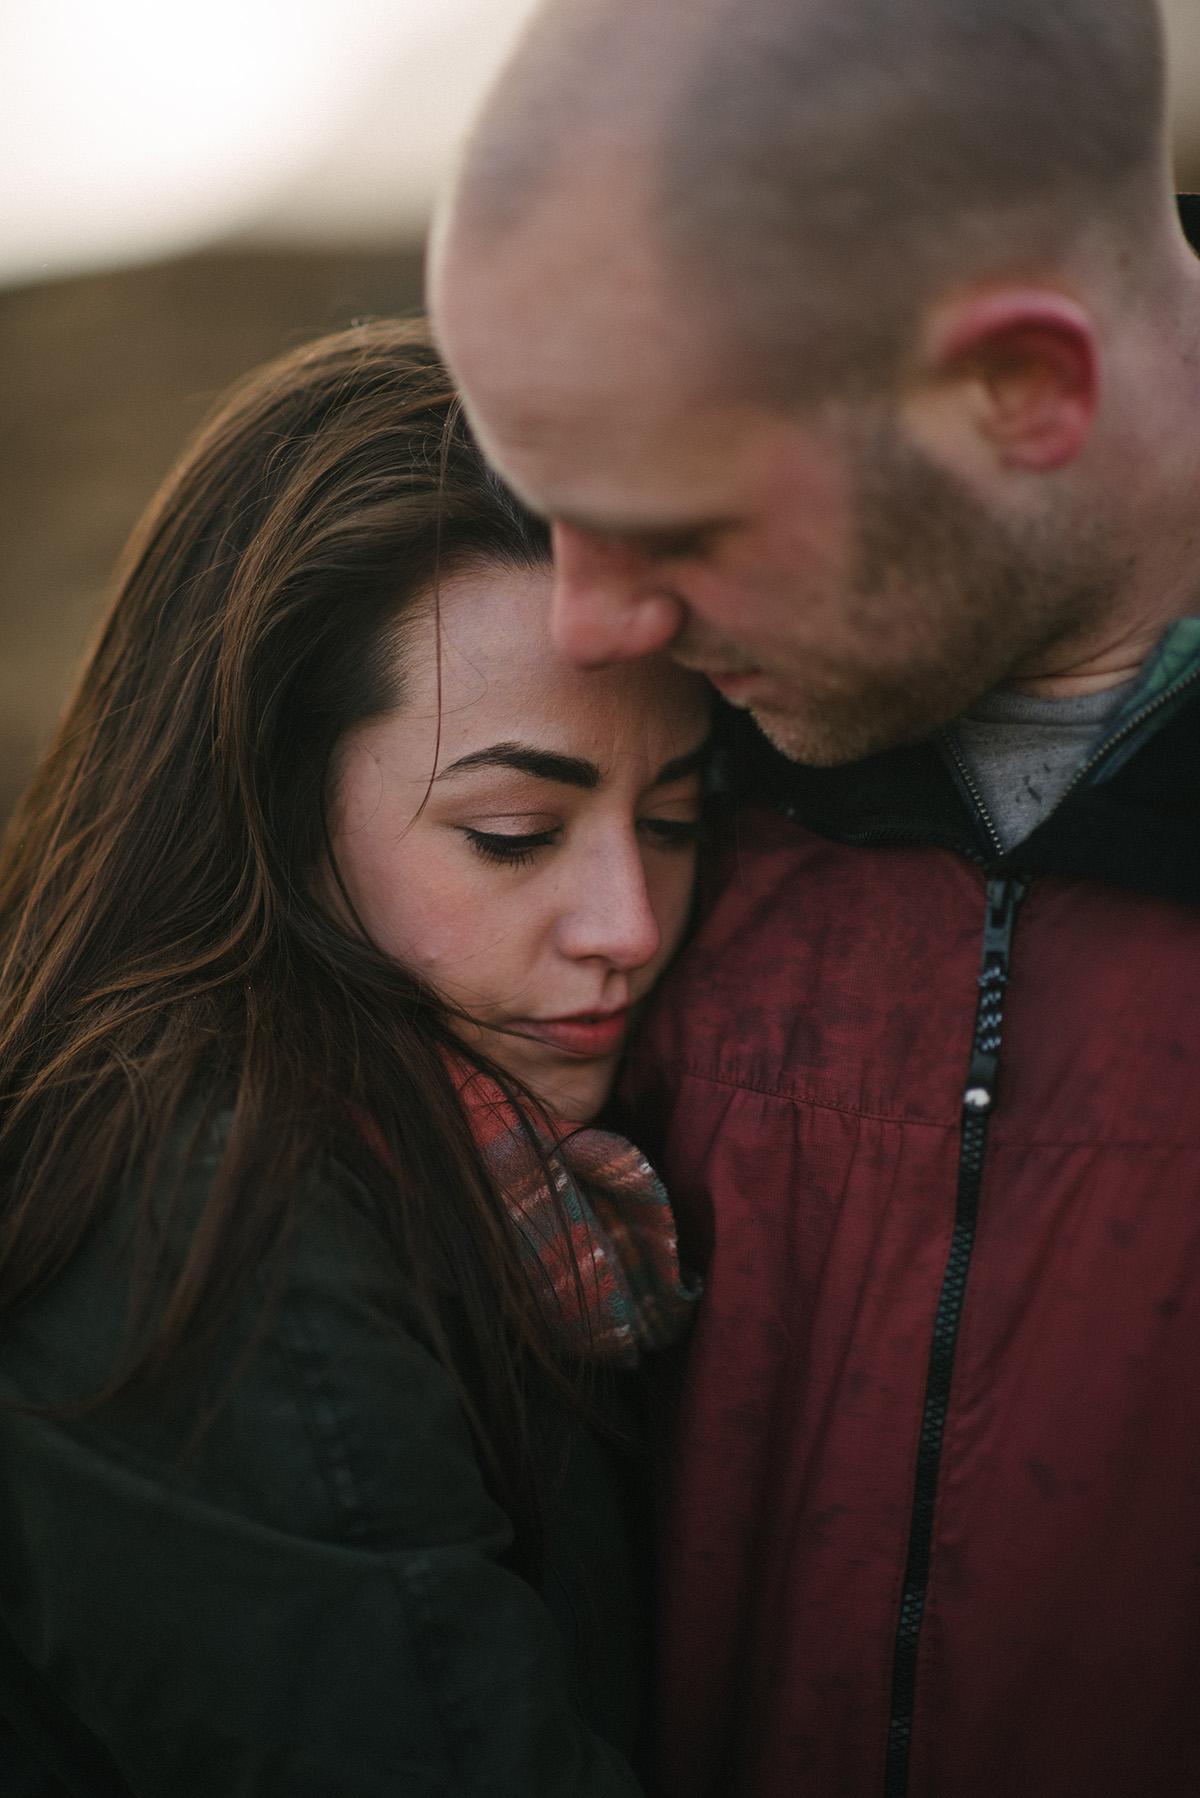 couples embrace hug photo